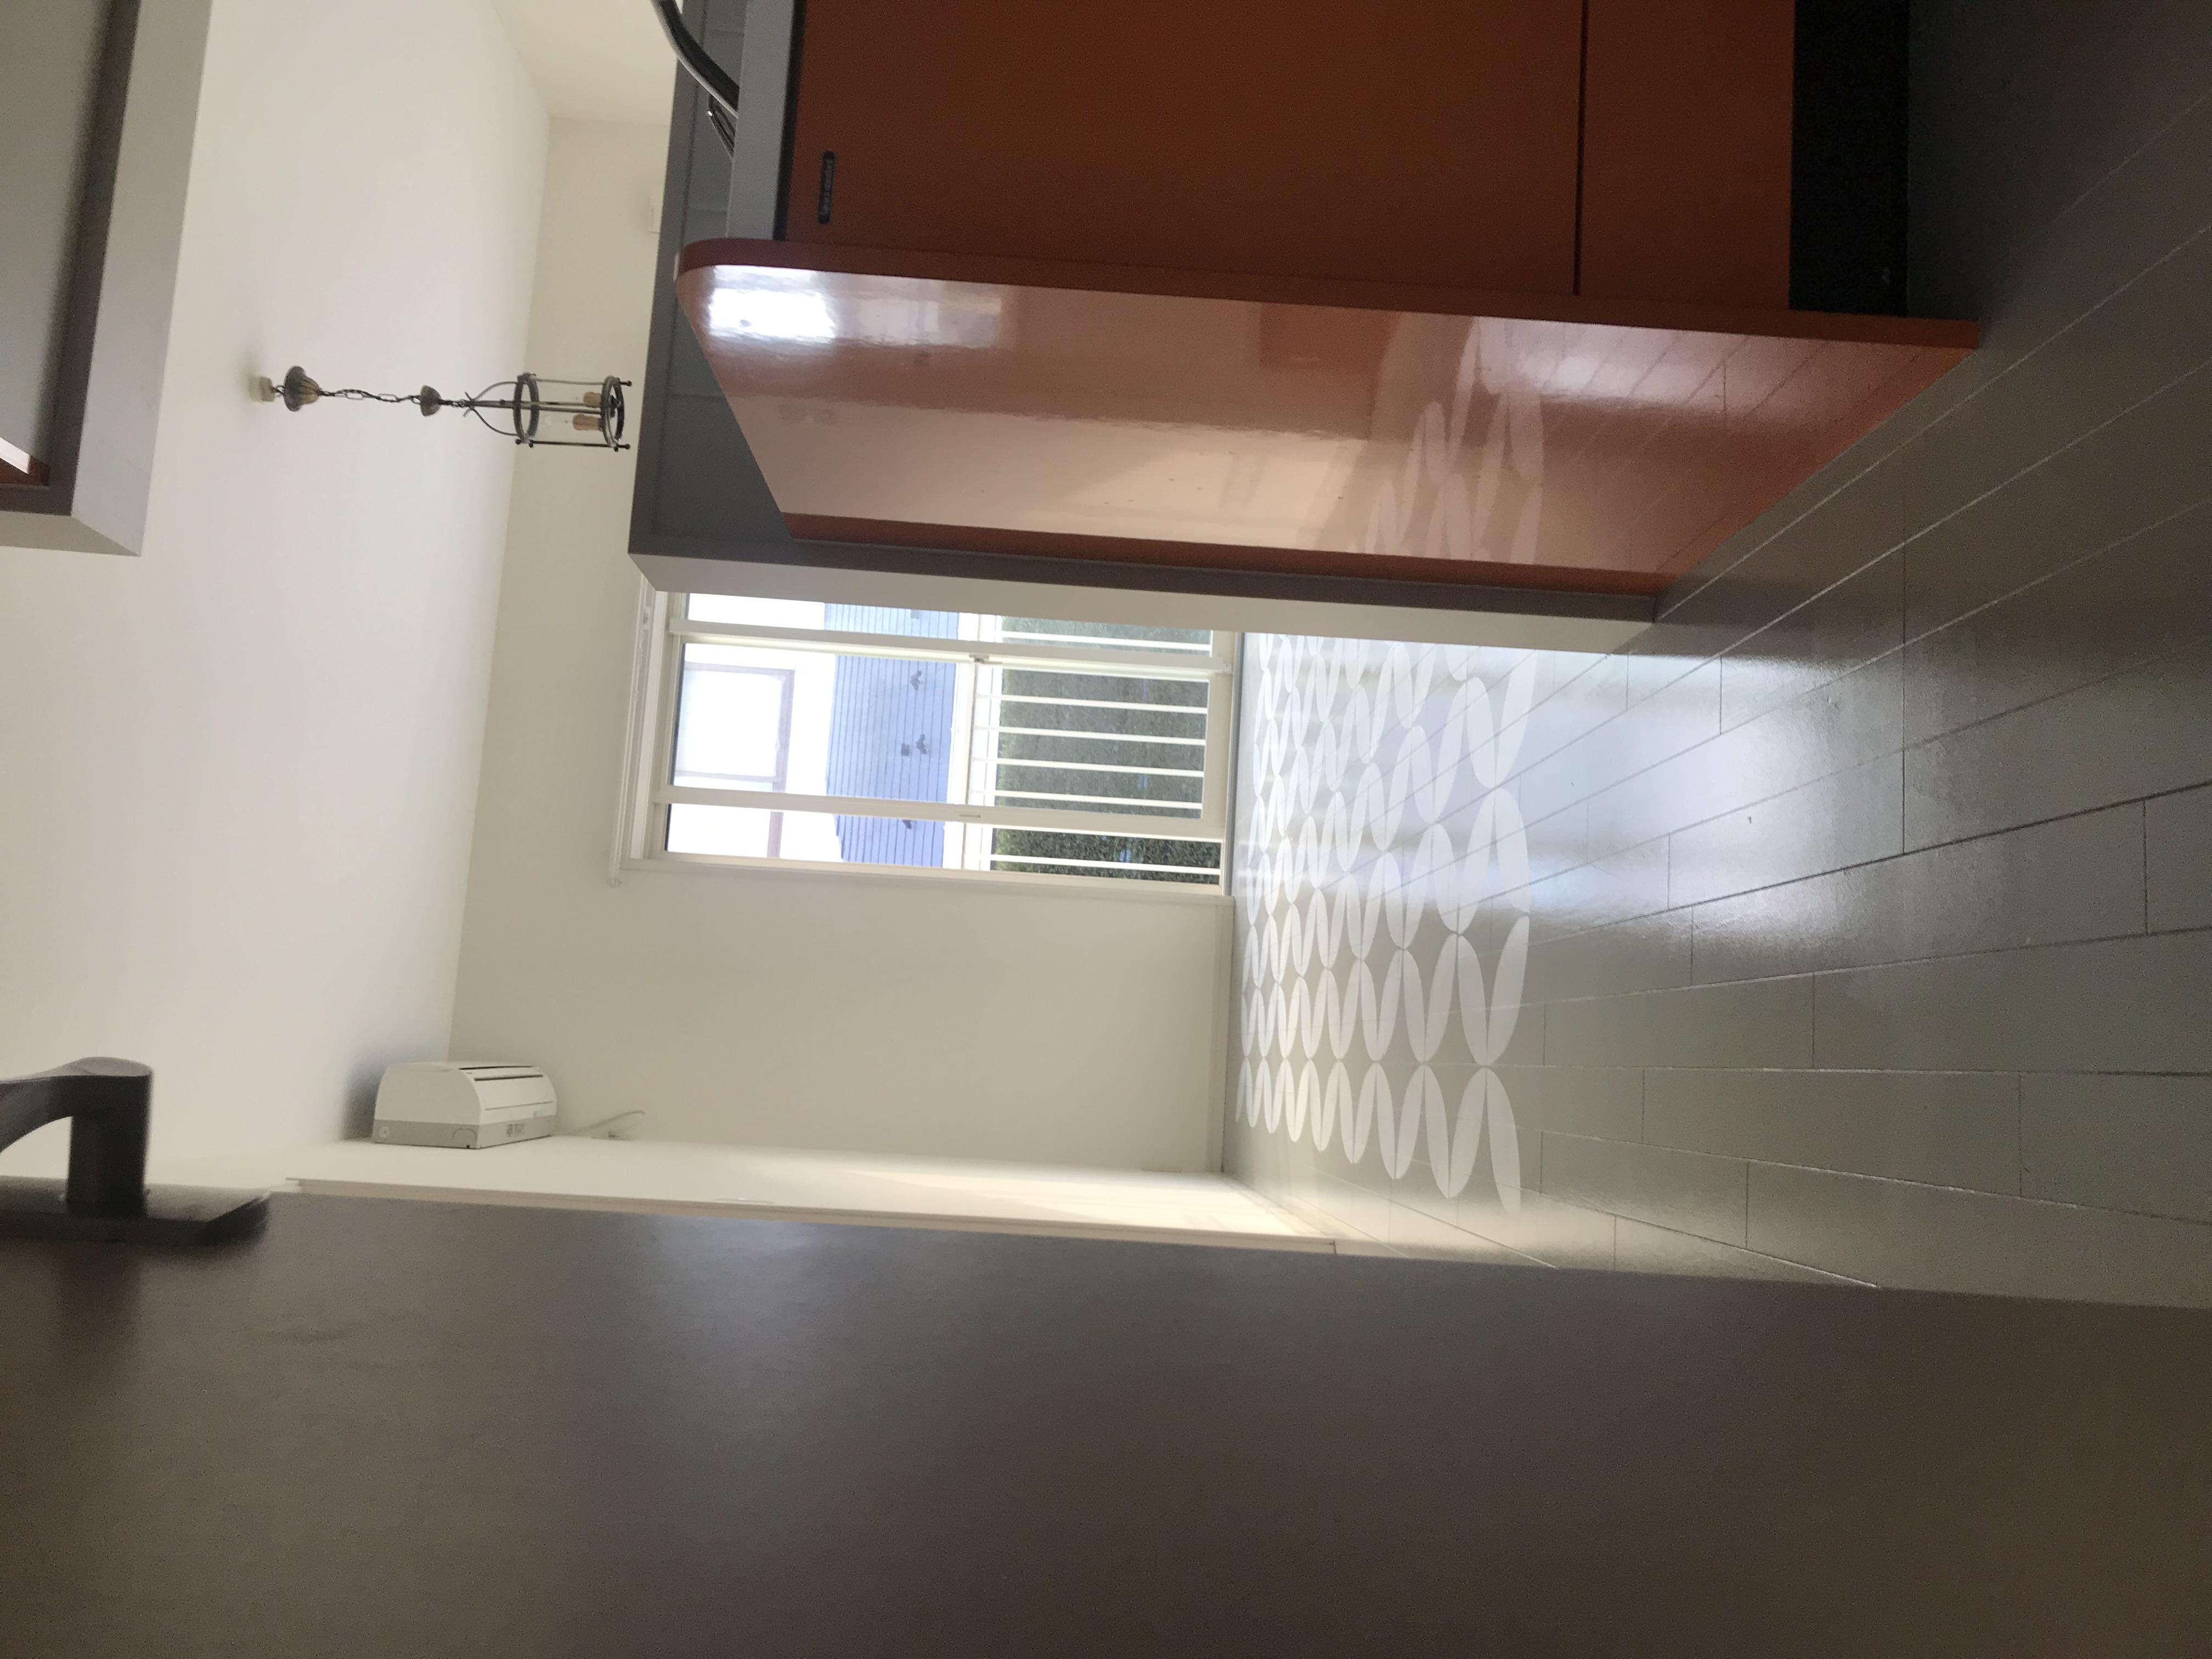 第16ステージ 横浜市某所ウイルシャー201号室内装DIY